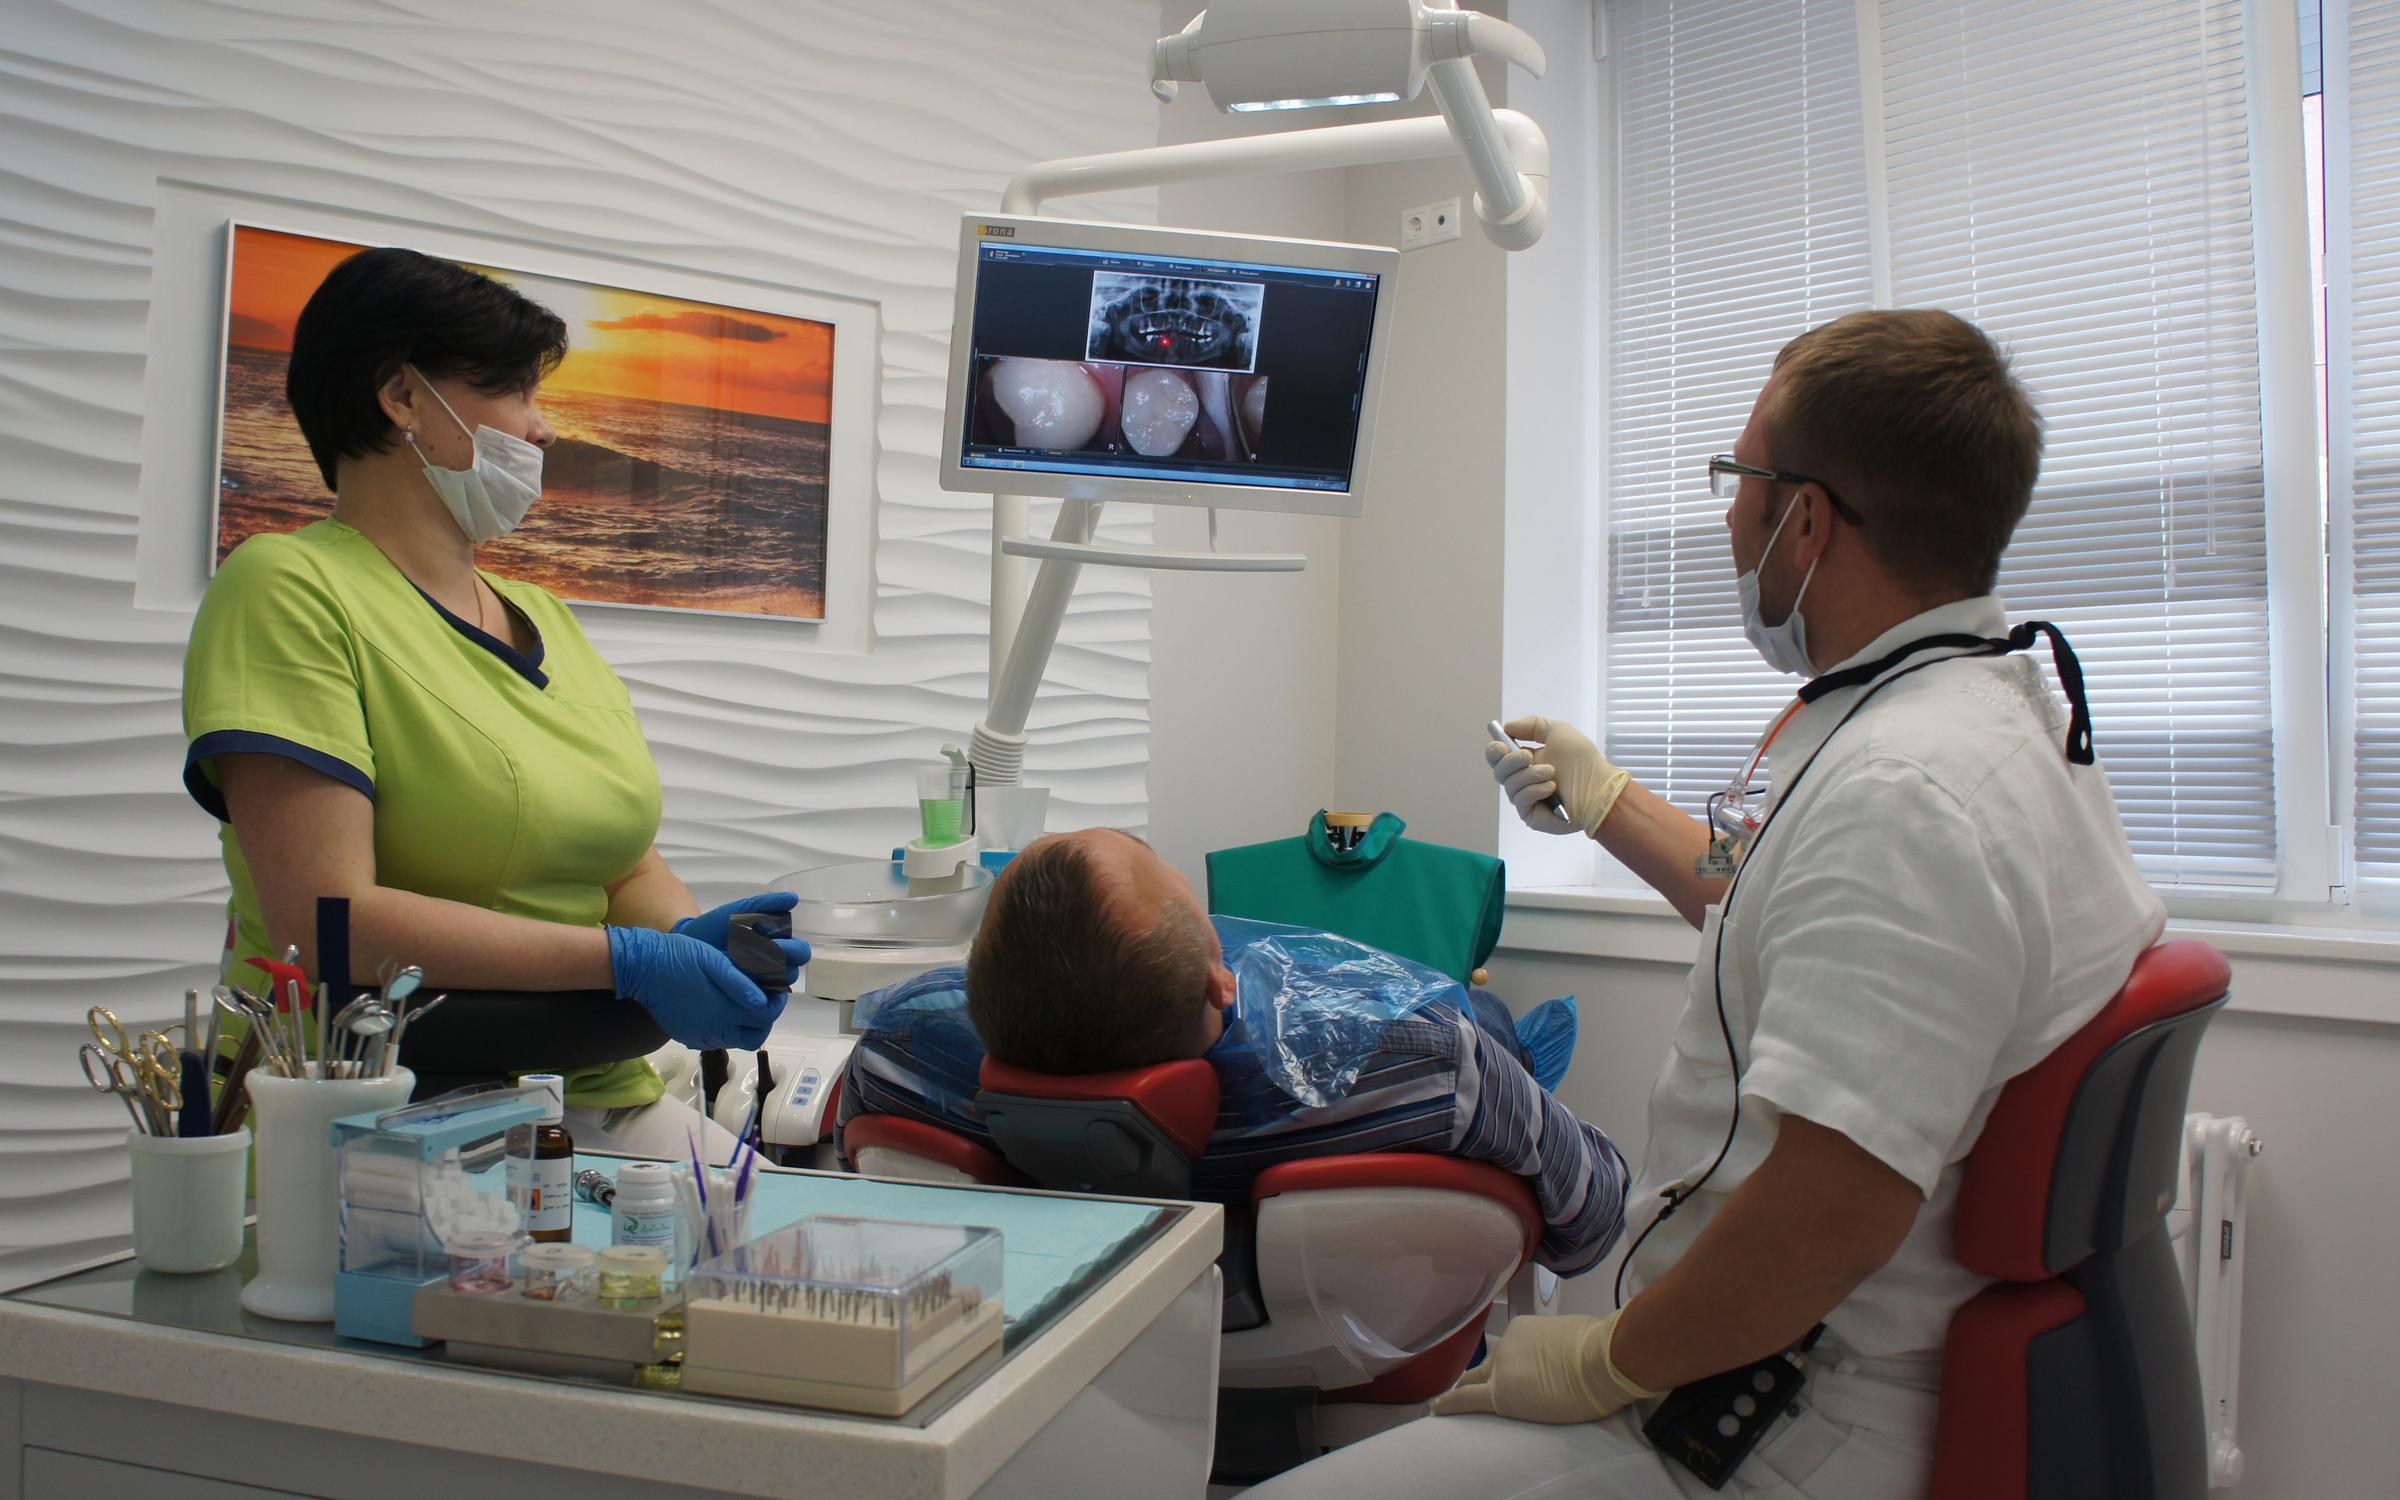 фотография Стоматологической клиники доктора Разуменко на Пионерской улице в Королёве